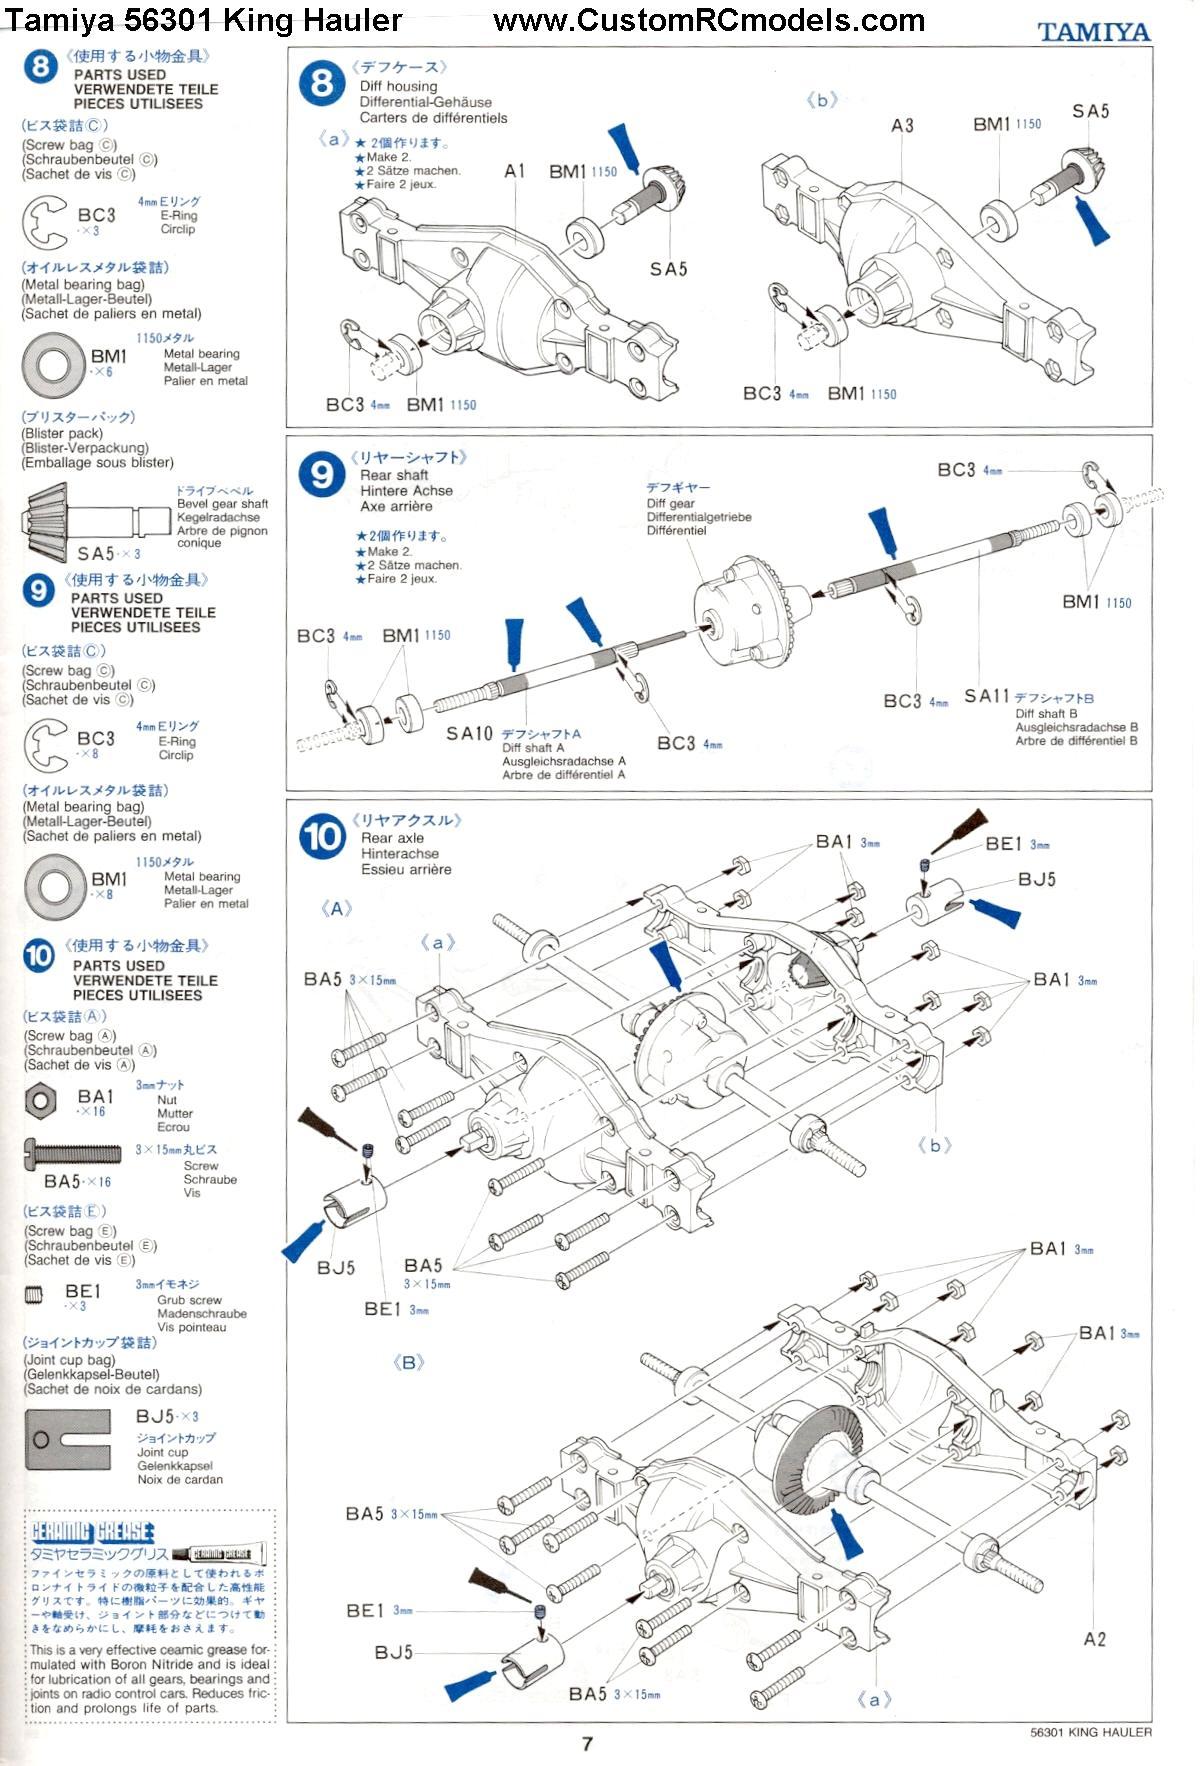 Tamiya 56301 King Hauler manual page 07